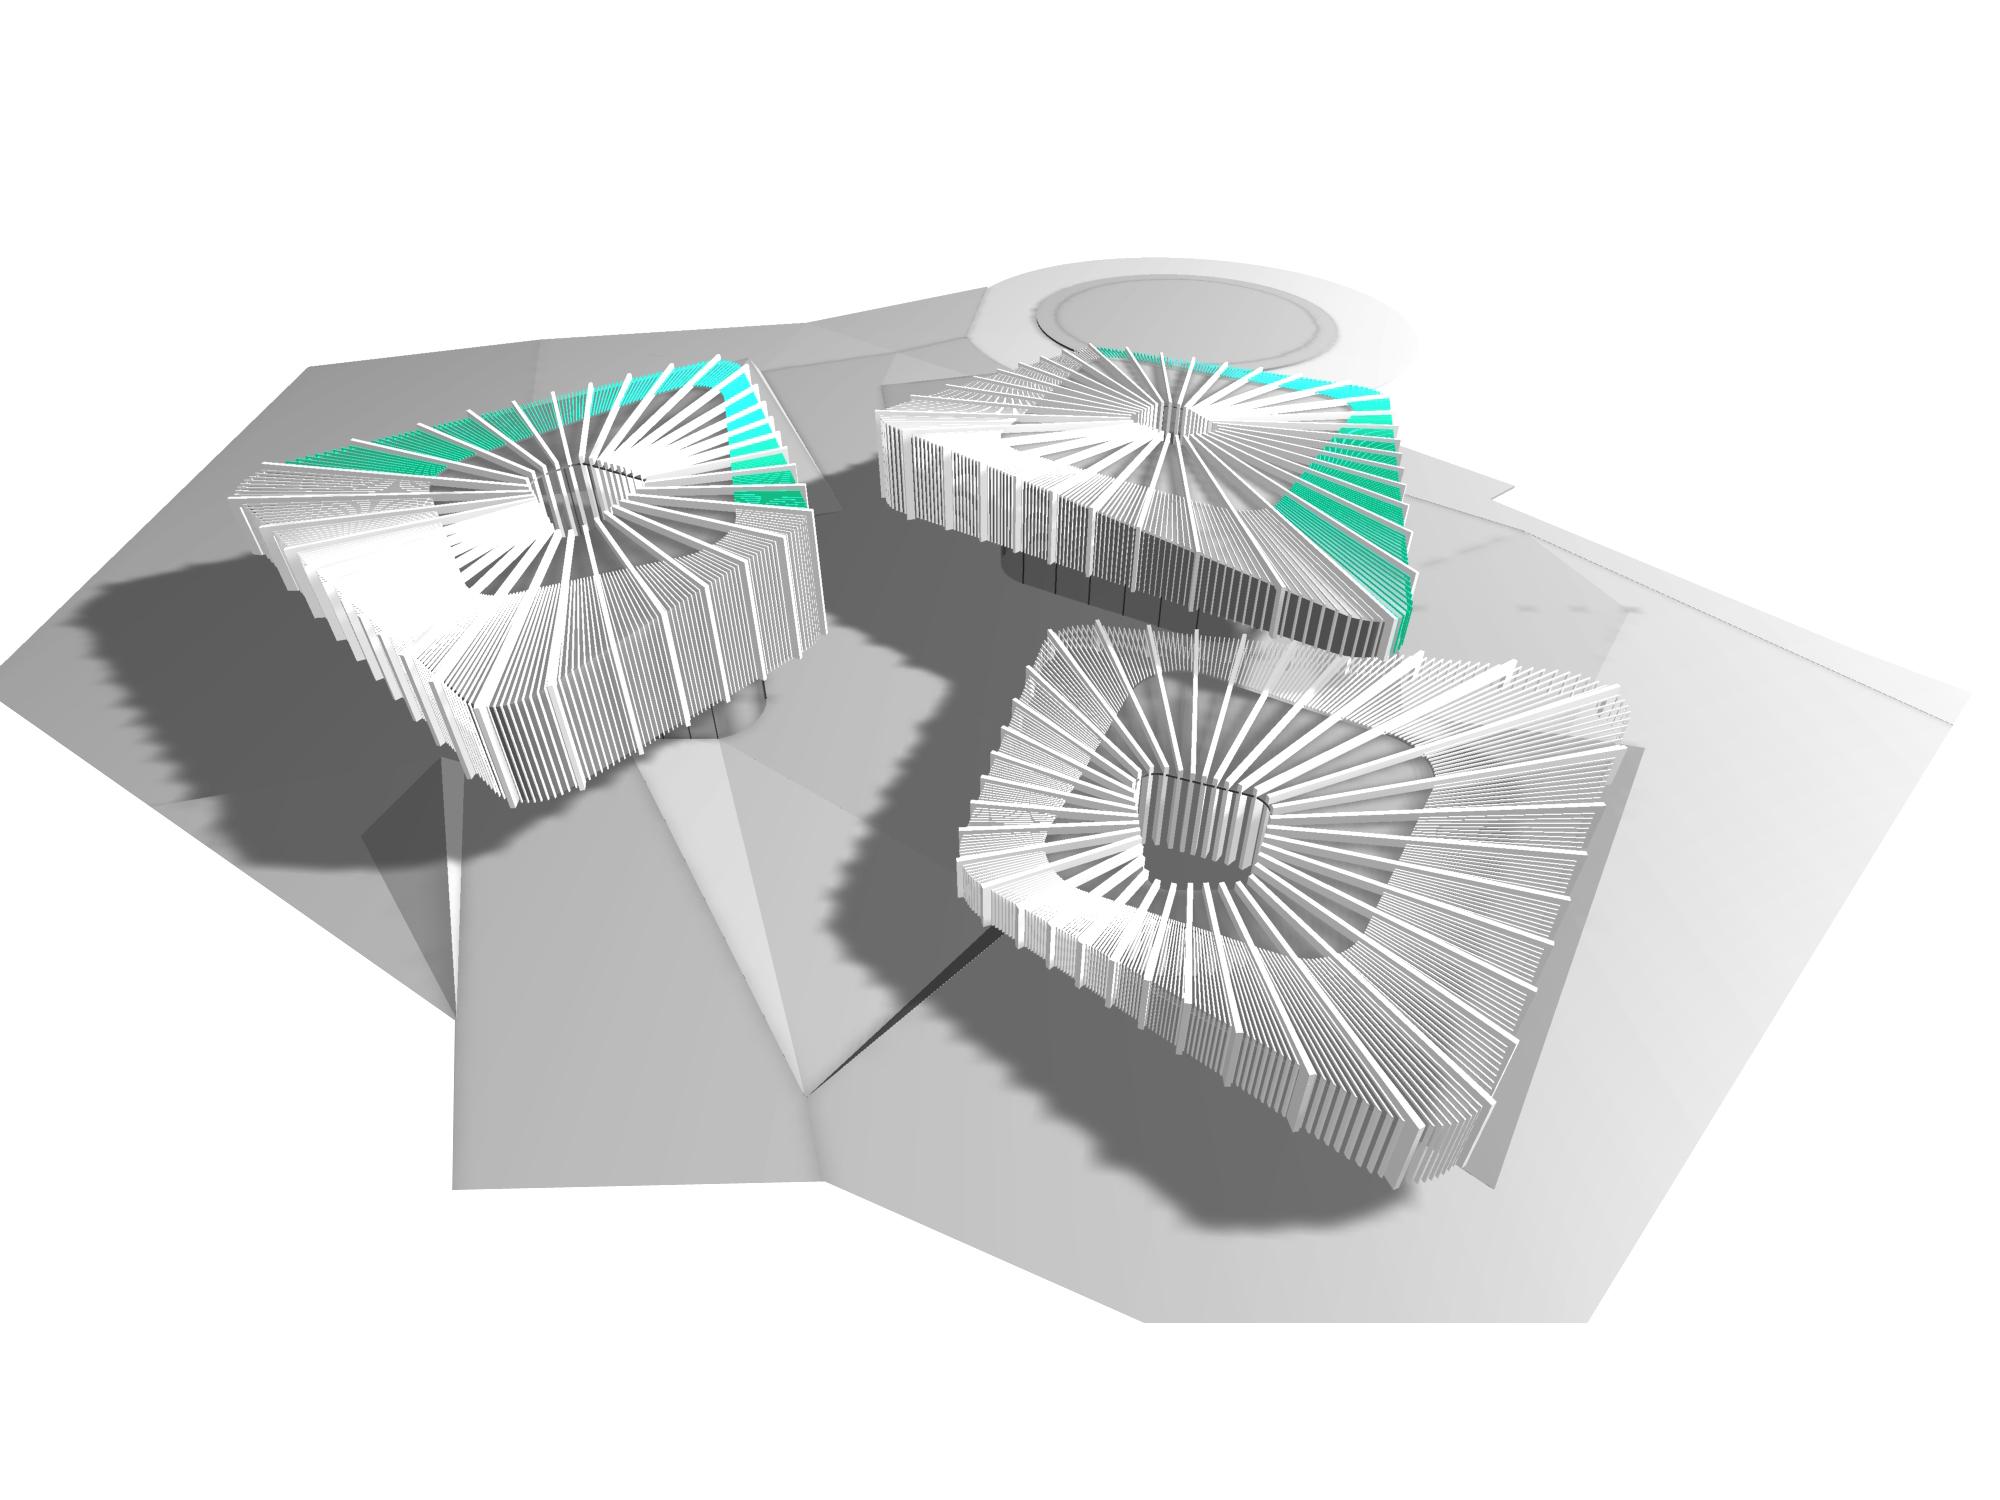 C1102_Conceptual aire1 – copia